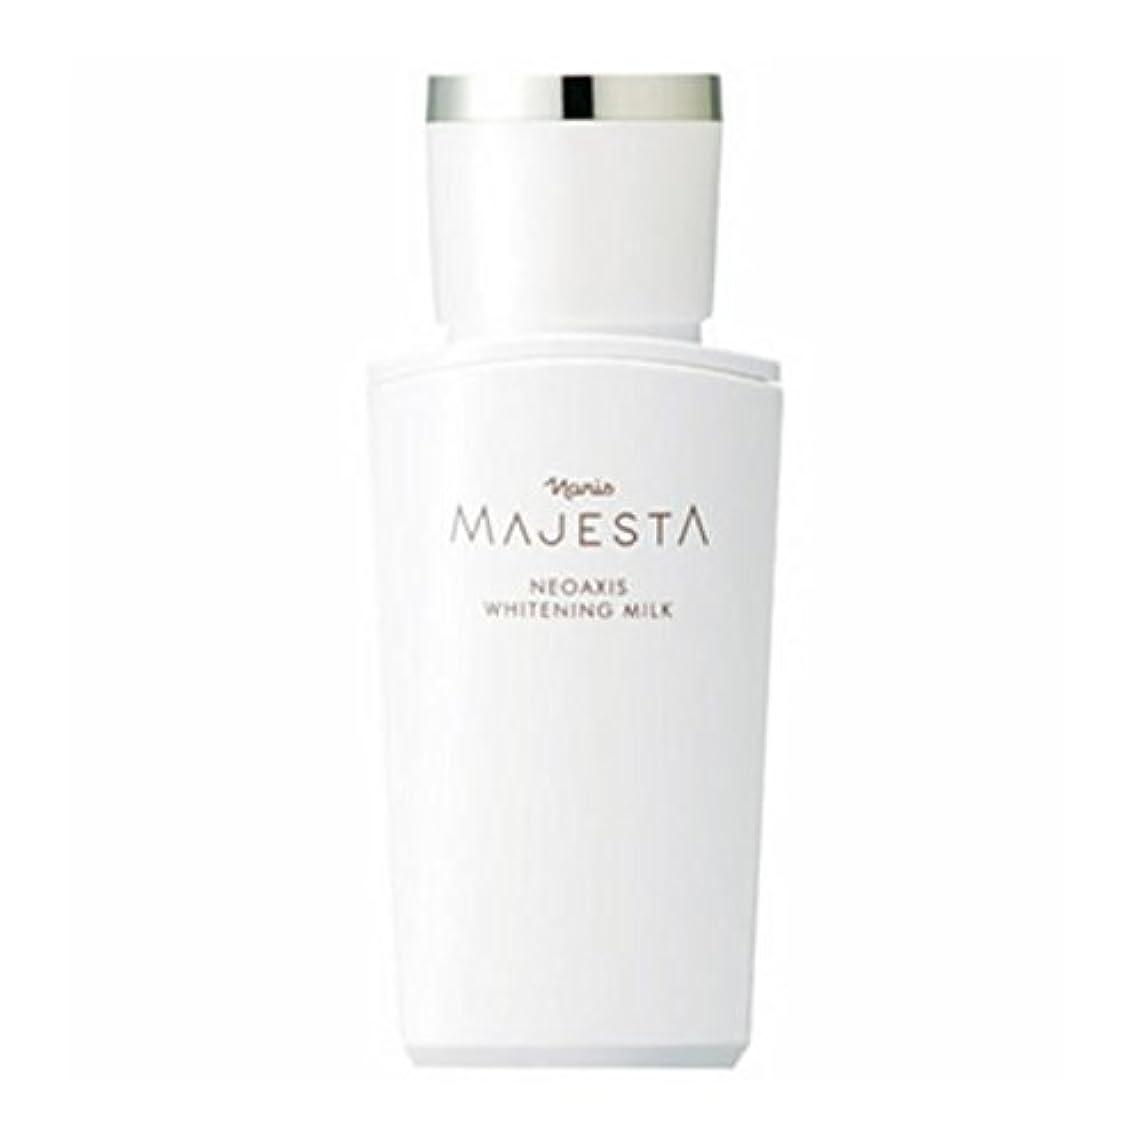 ハンカチグラマー拳ナリス化粧品 マジェスタ ネオアクシス ホワイトニング ミルク (薬用 美白乳液) 80ml